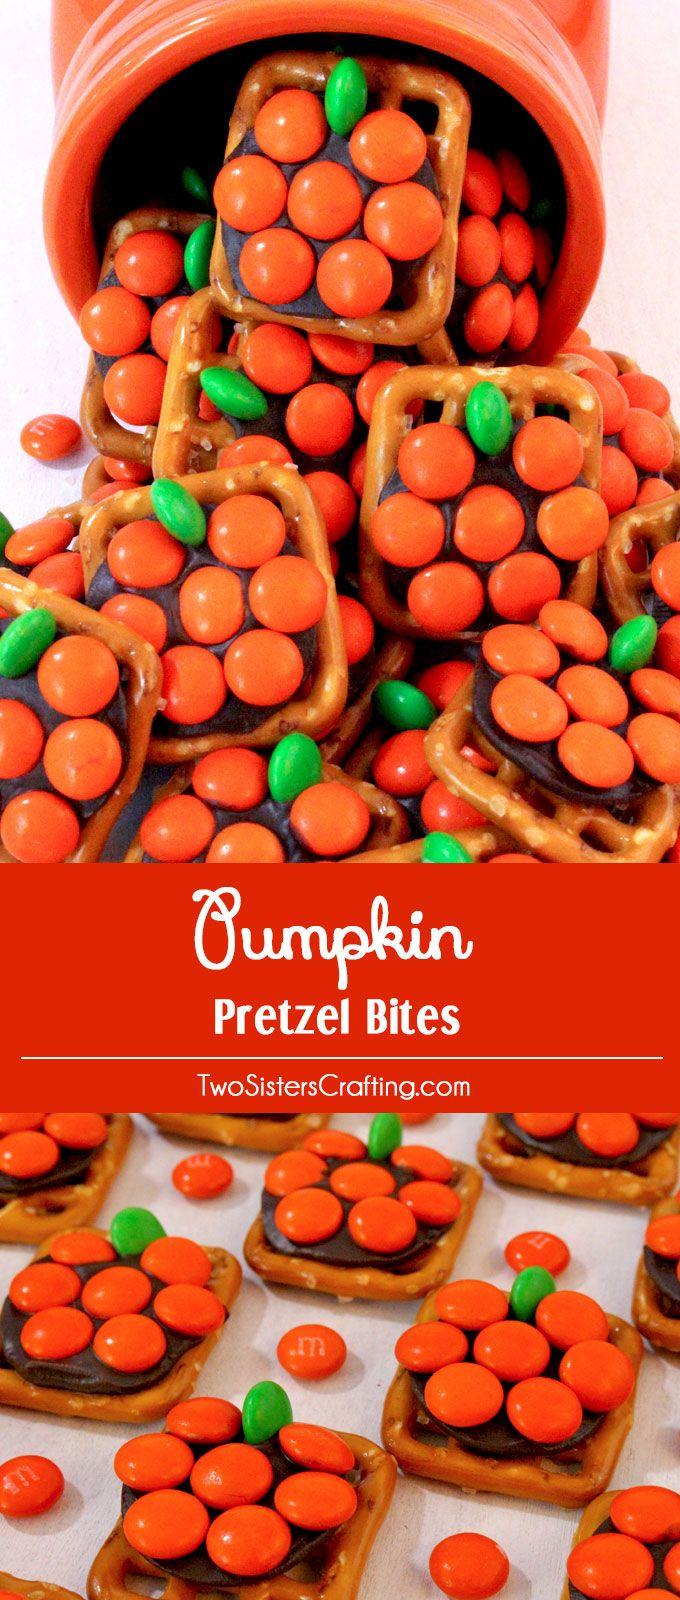 Pumpkin Pretzel Bites - Two Sisters